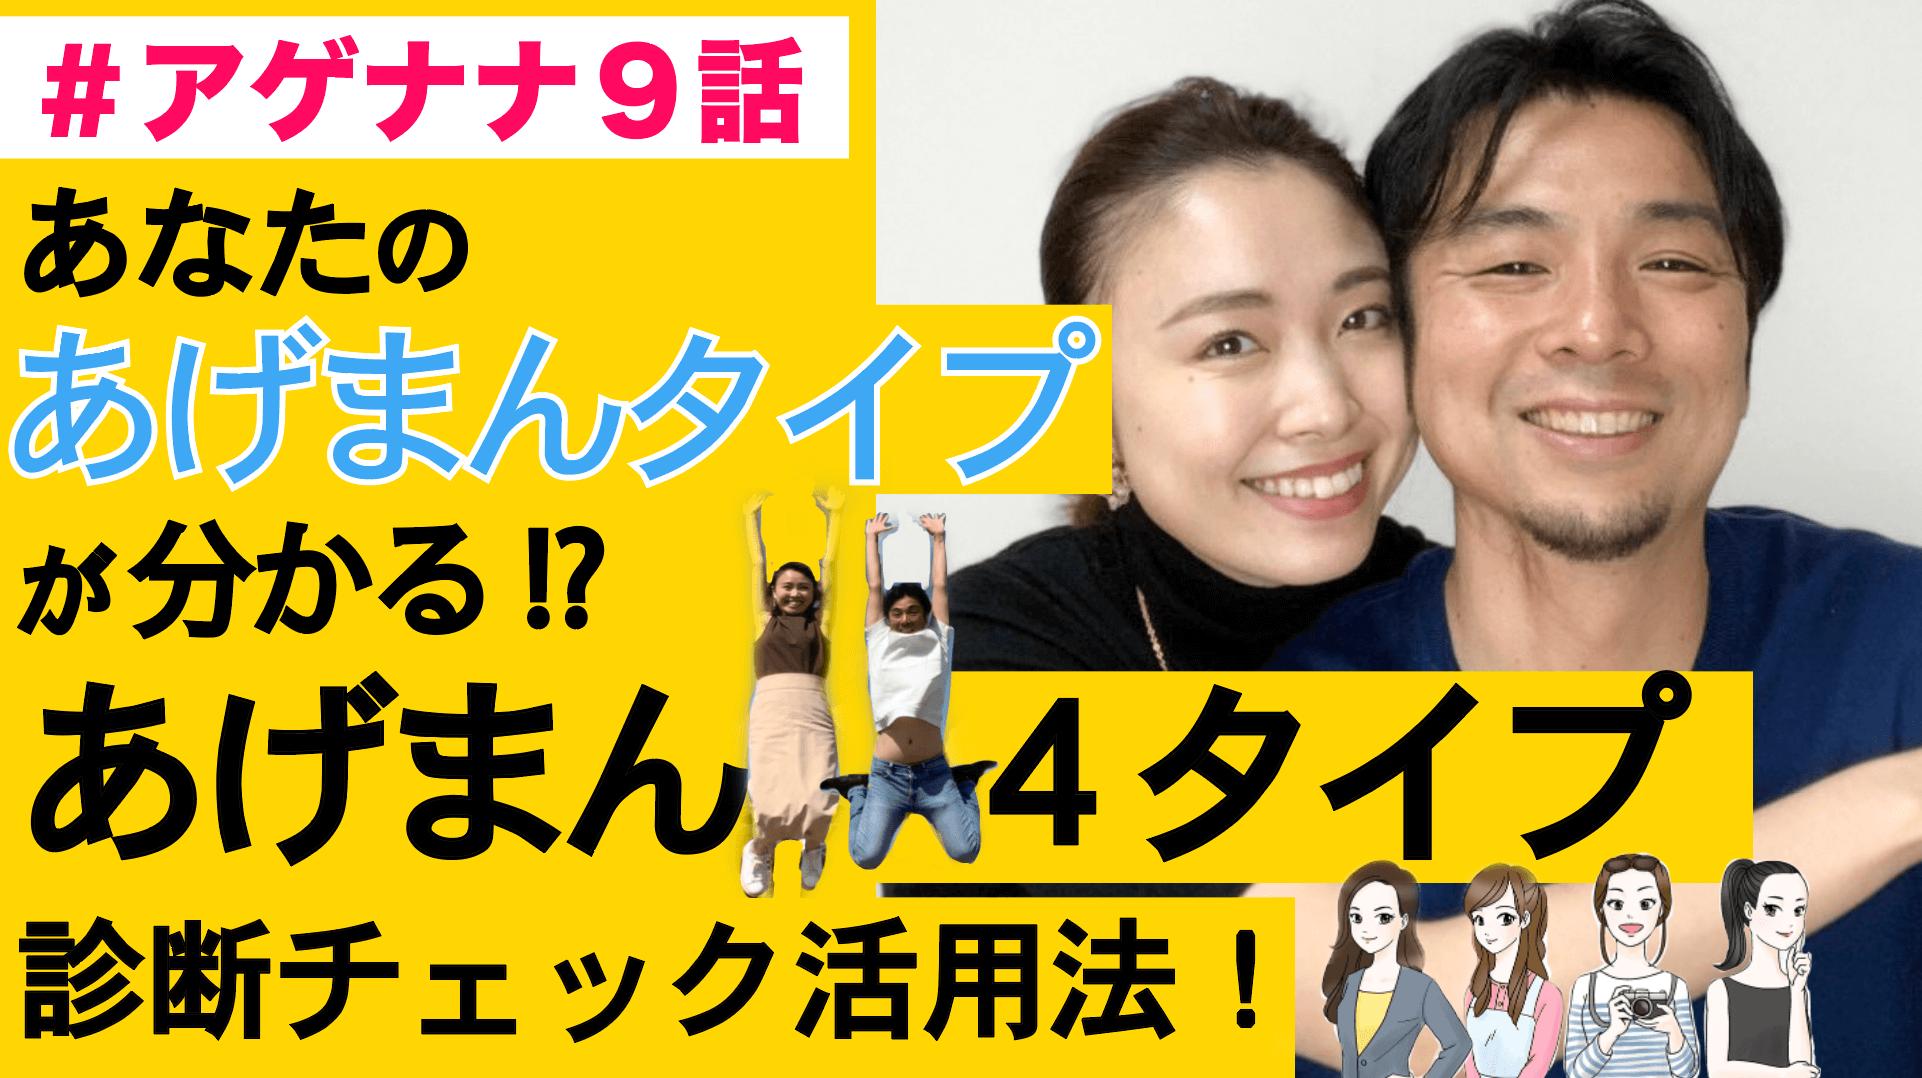 【#アゲナナ9話】あげまん4タイプ診断活用法